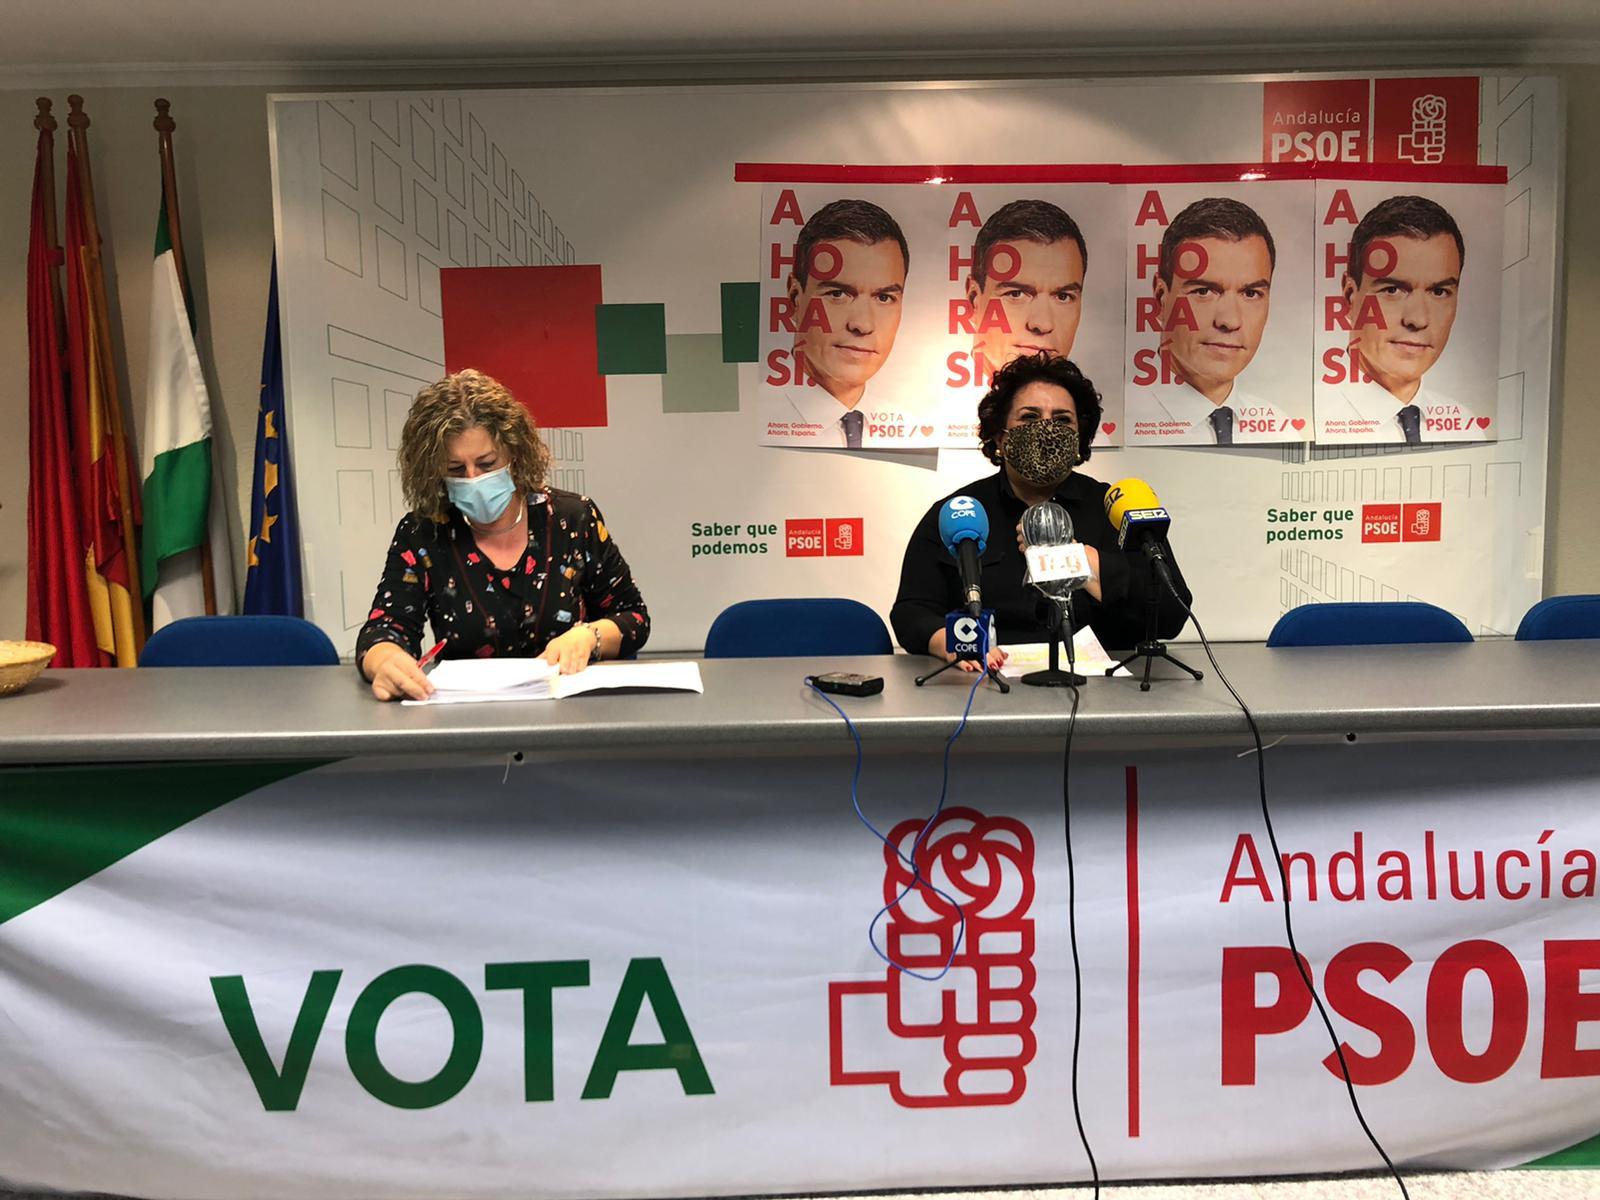 """El PSOE exige """"más medios y recursos"""" en atención primaria para que """"deje de ser una odisea"""" el acceso a una consulta médica"""